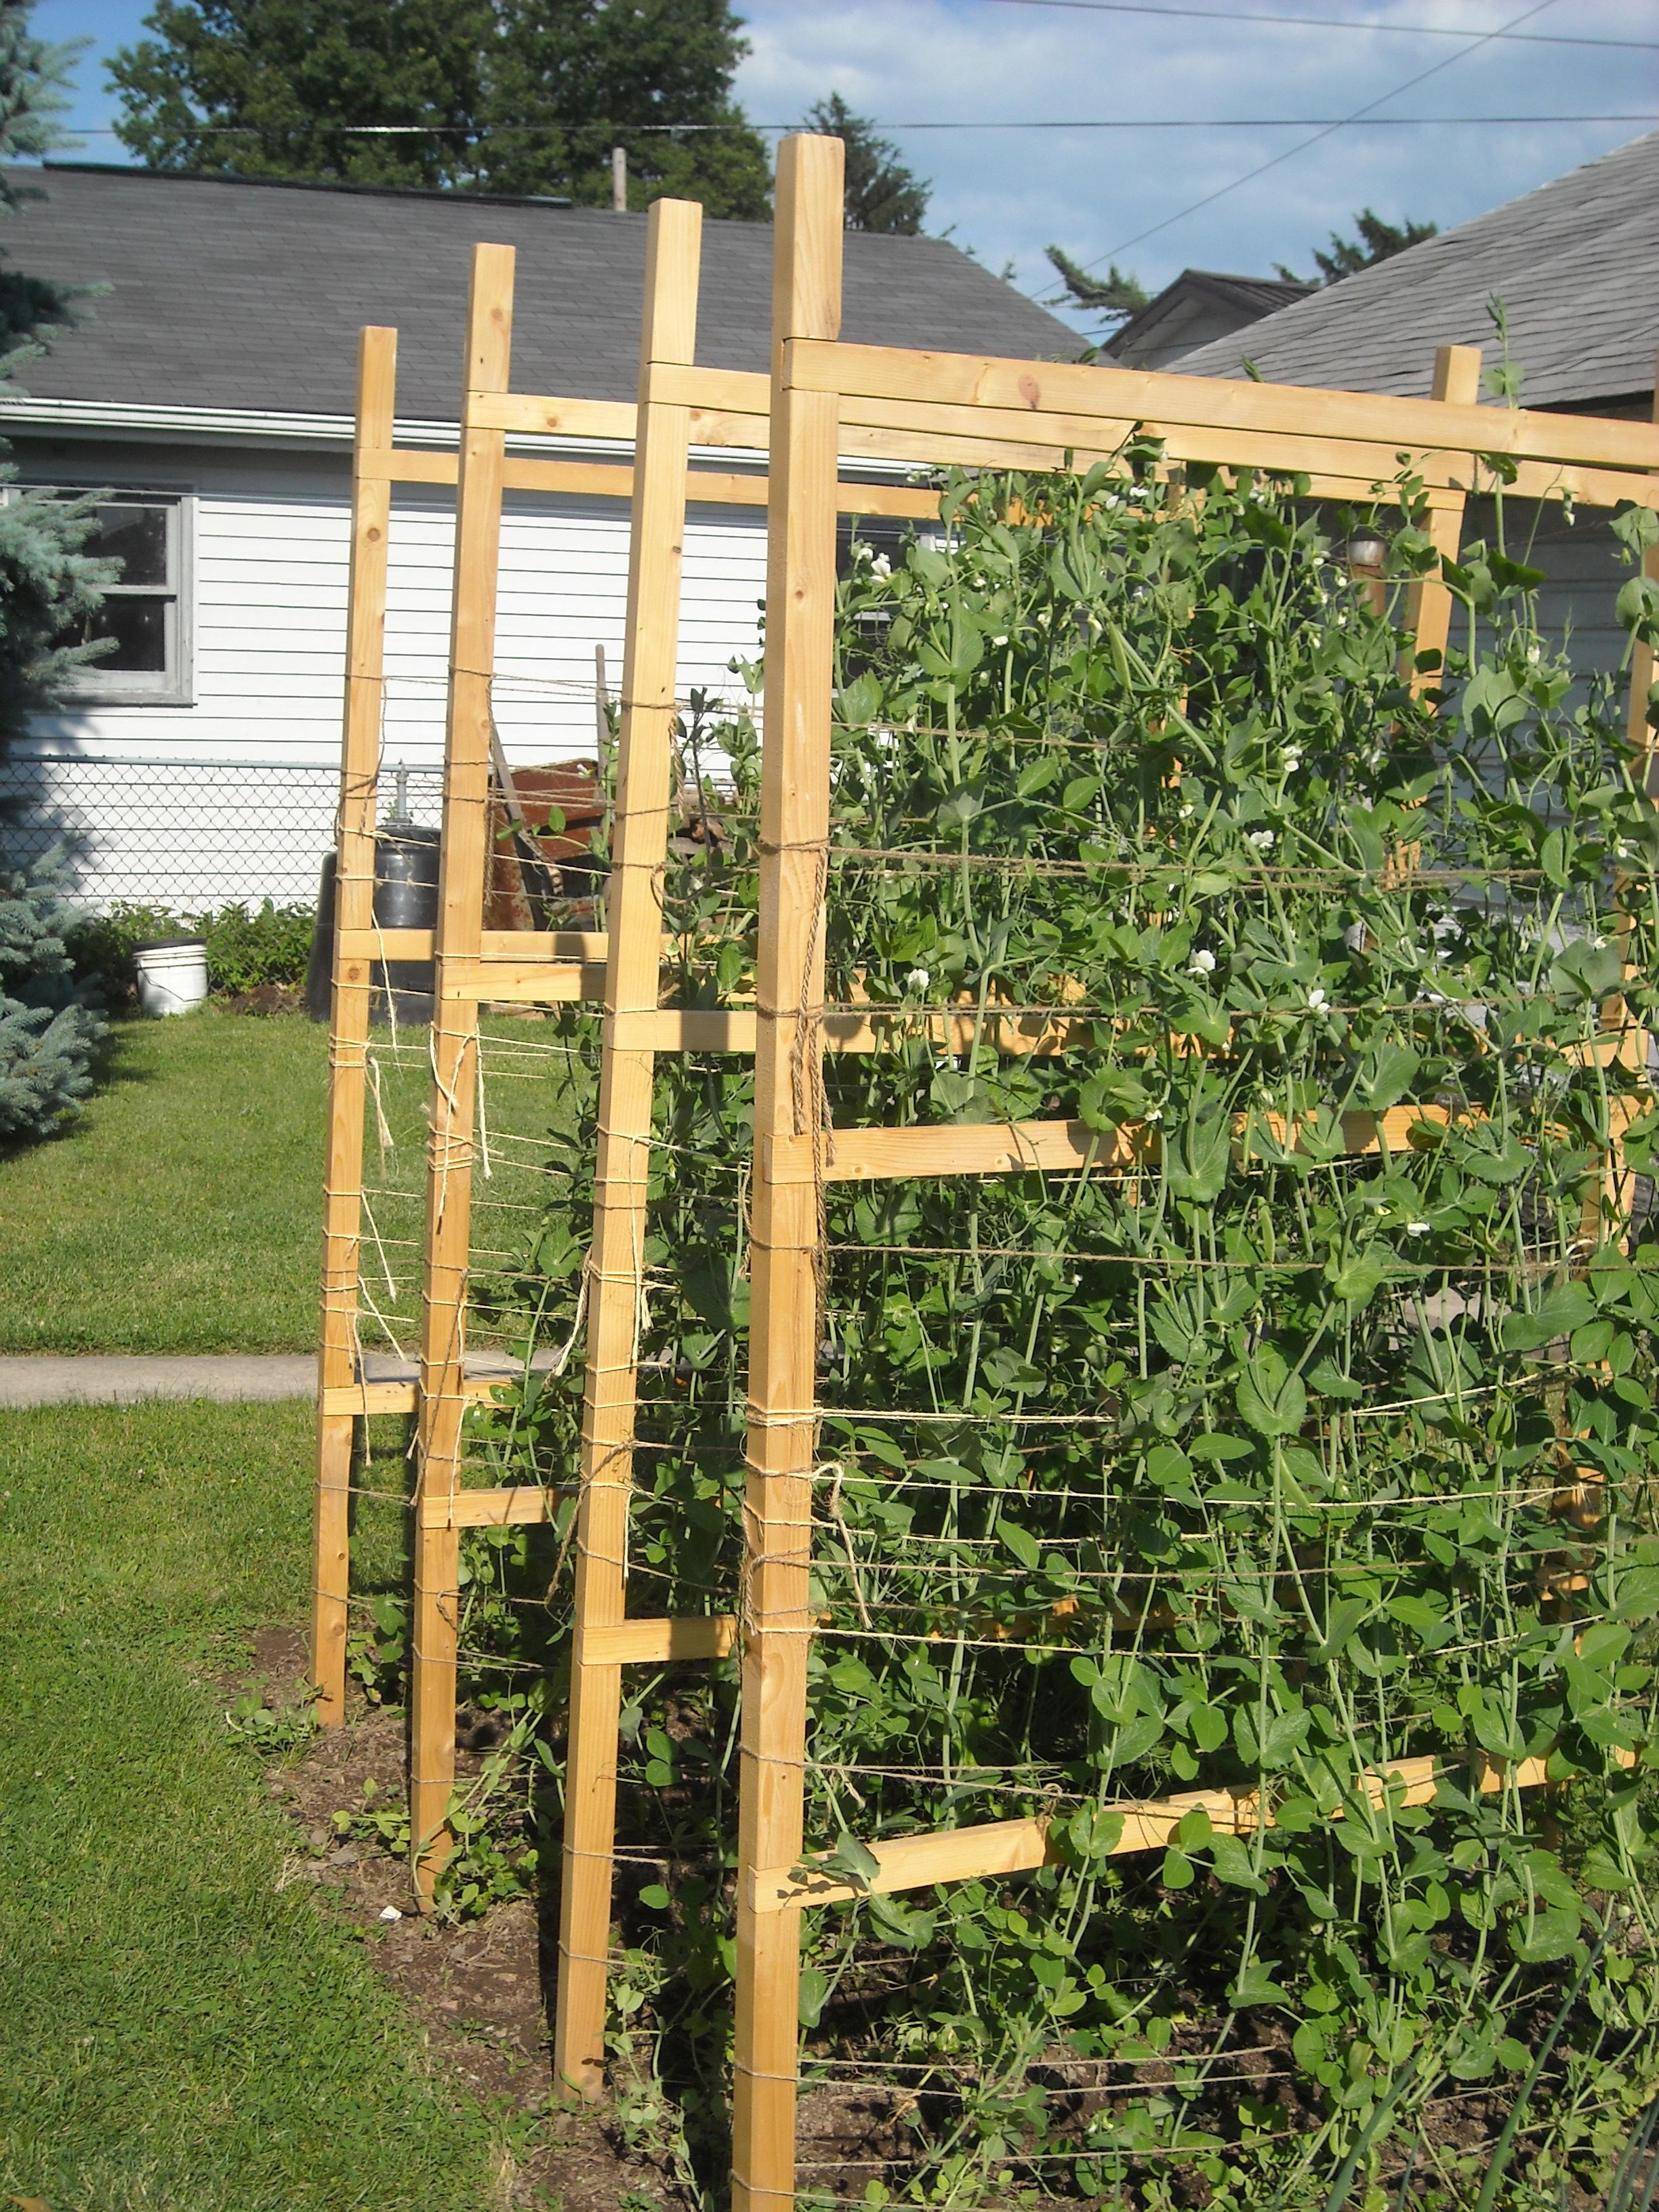 Pea fences load with peas.